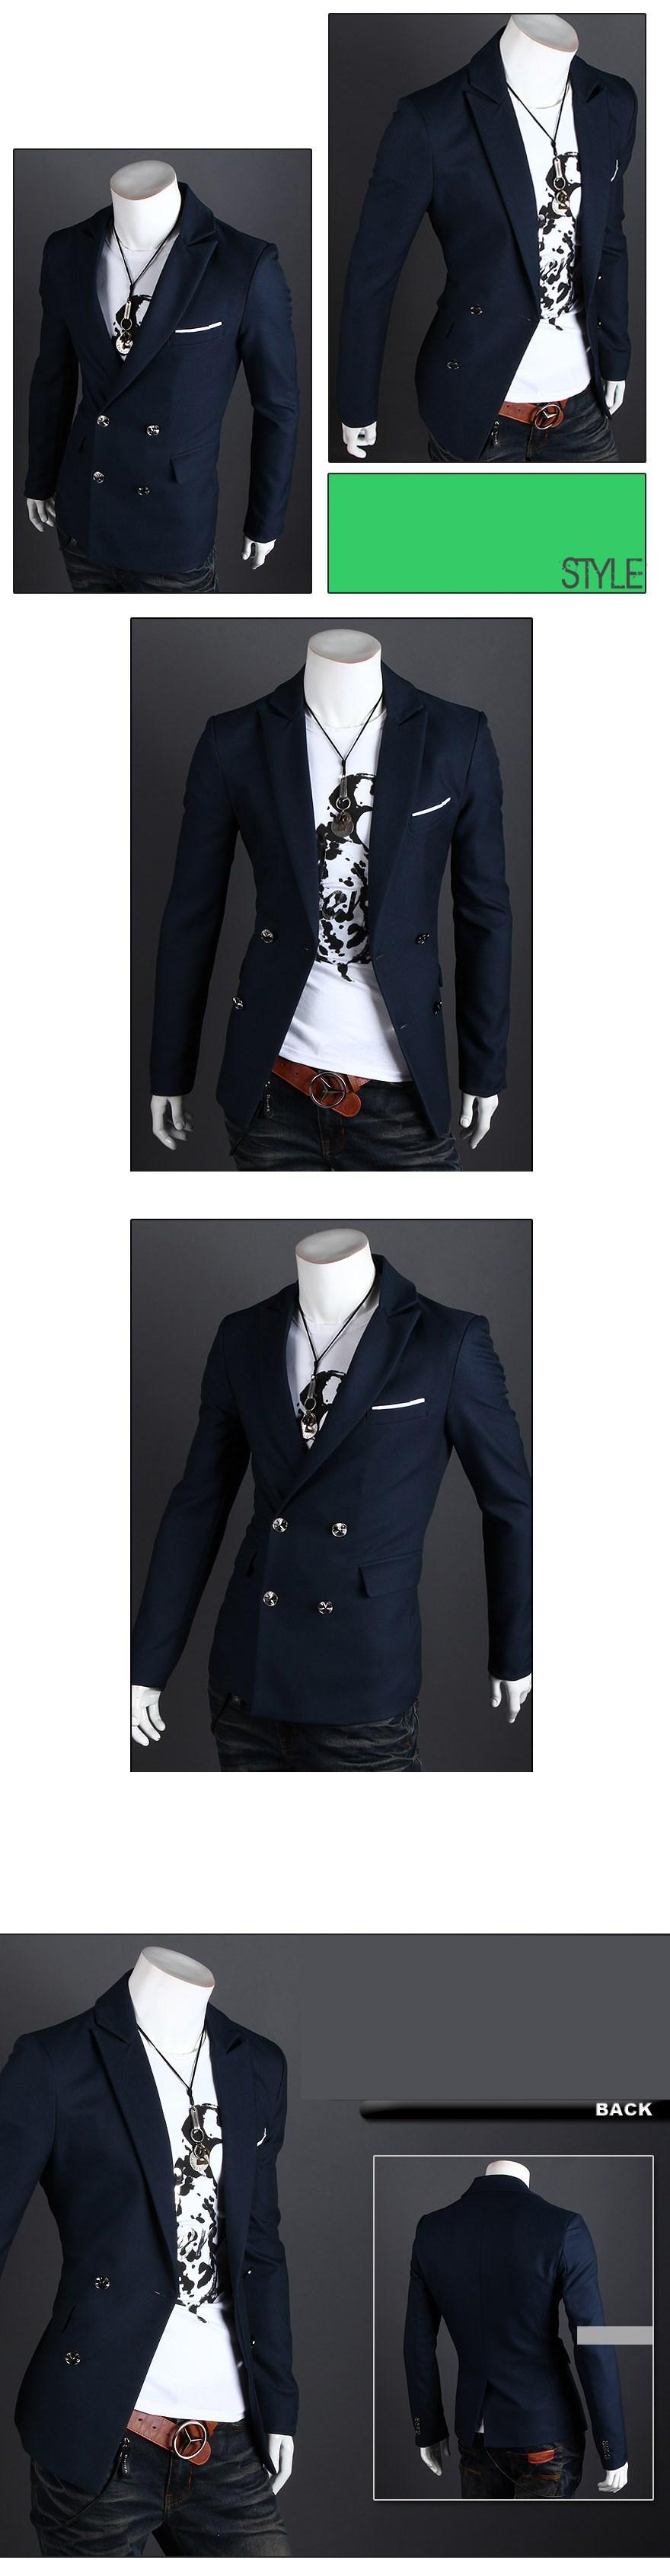 s! новый костюм джентльмен внешней торговли, тонкий двубортный костюм, корейских мужчин случайный костюм jacket.xi15a 8602